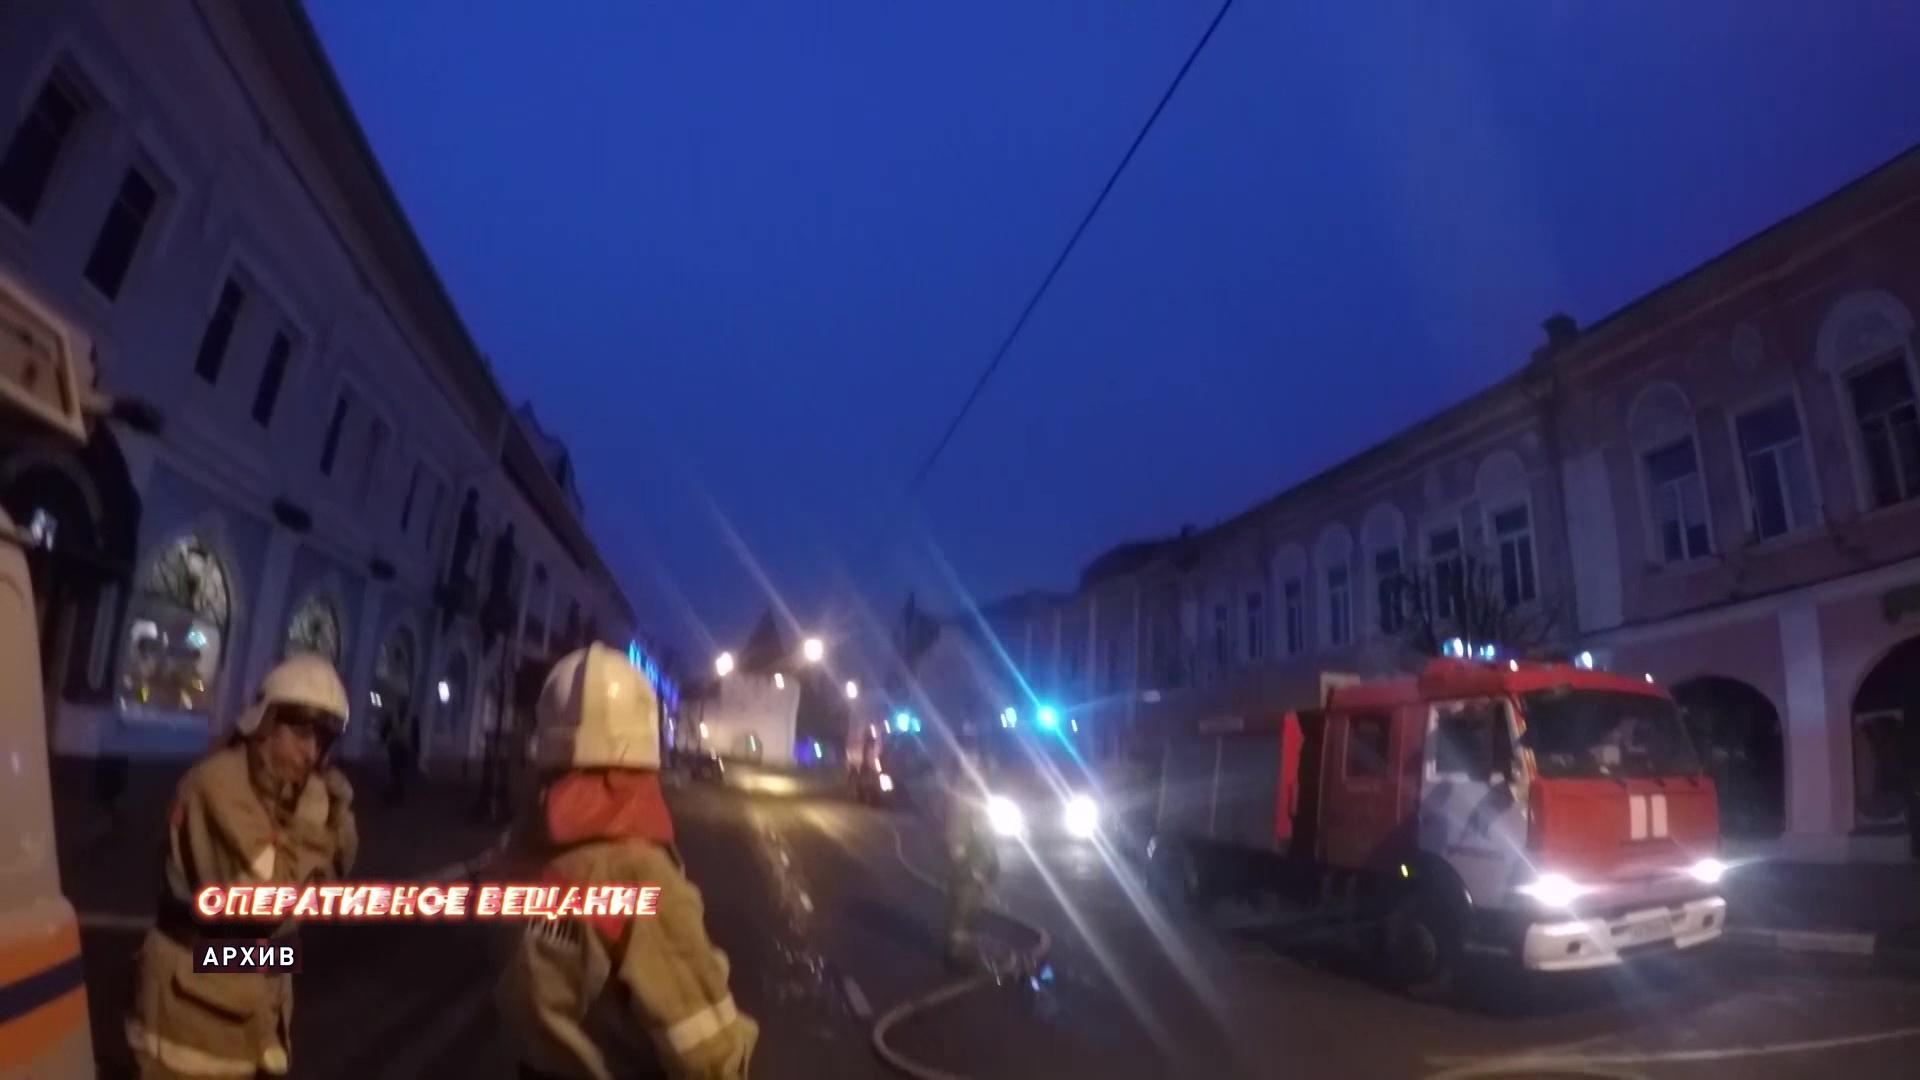 Уголовное дело по факту пожара на улице Нахимсона переквалифицировали на статью «Убийство»